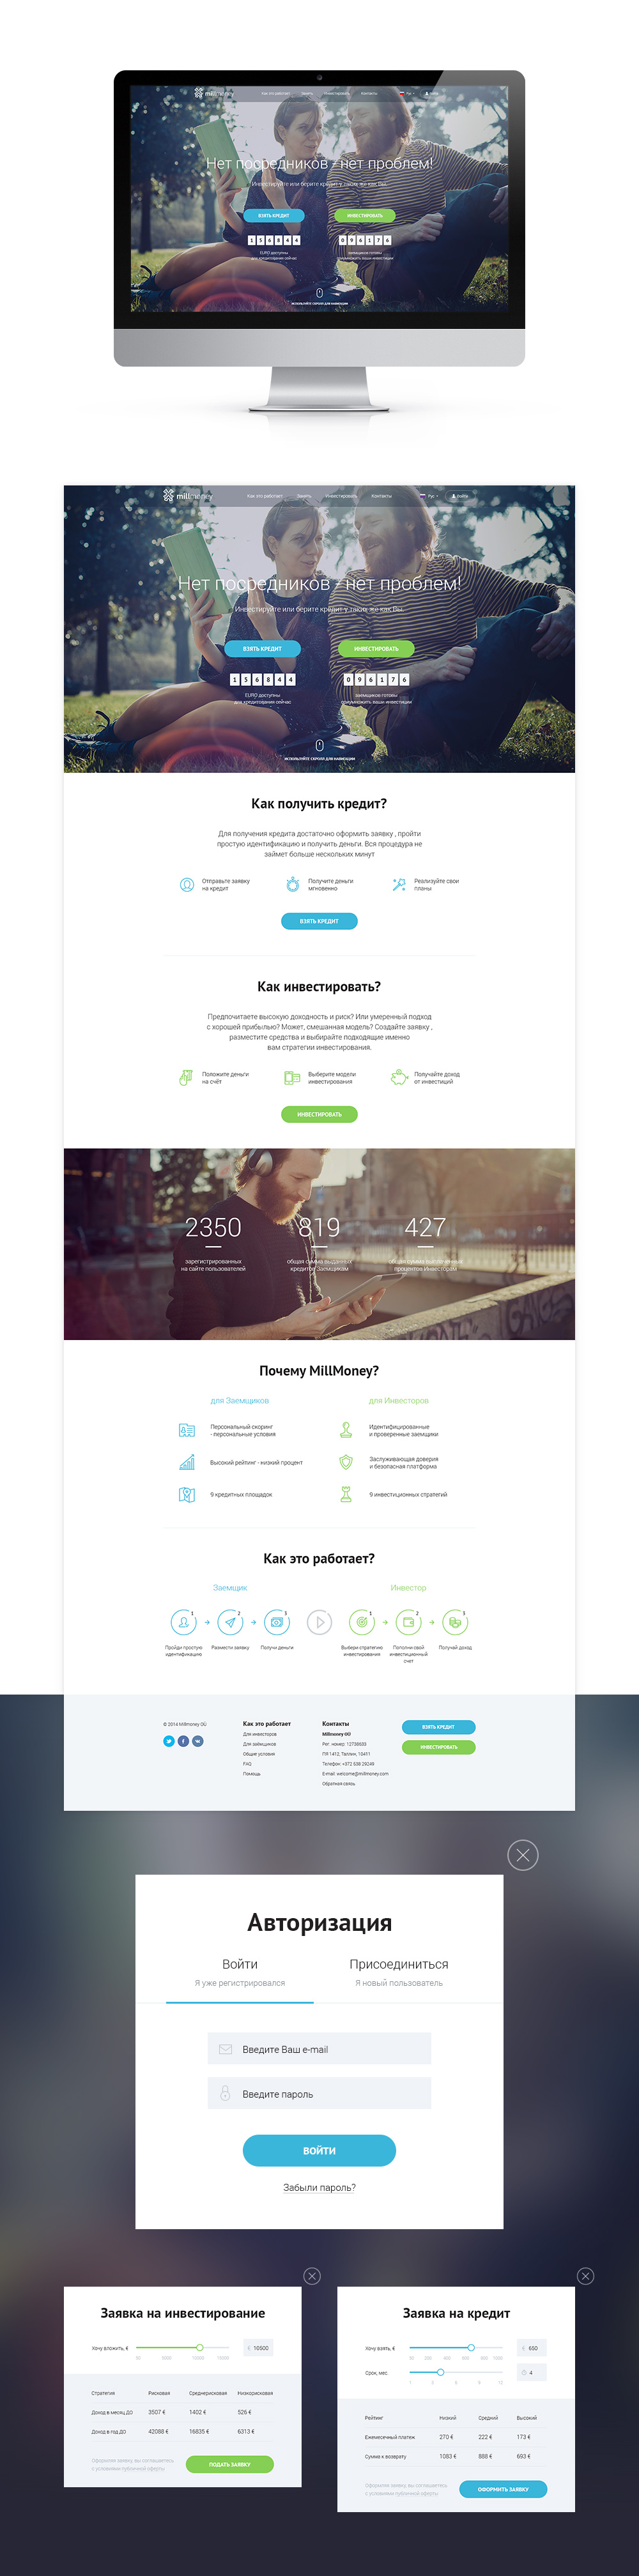 Сайт микрокредитоваия